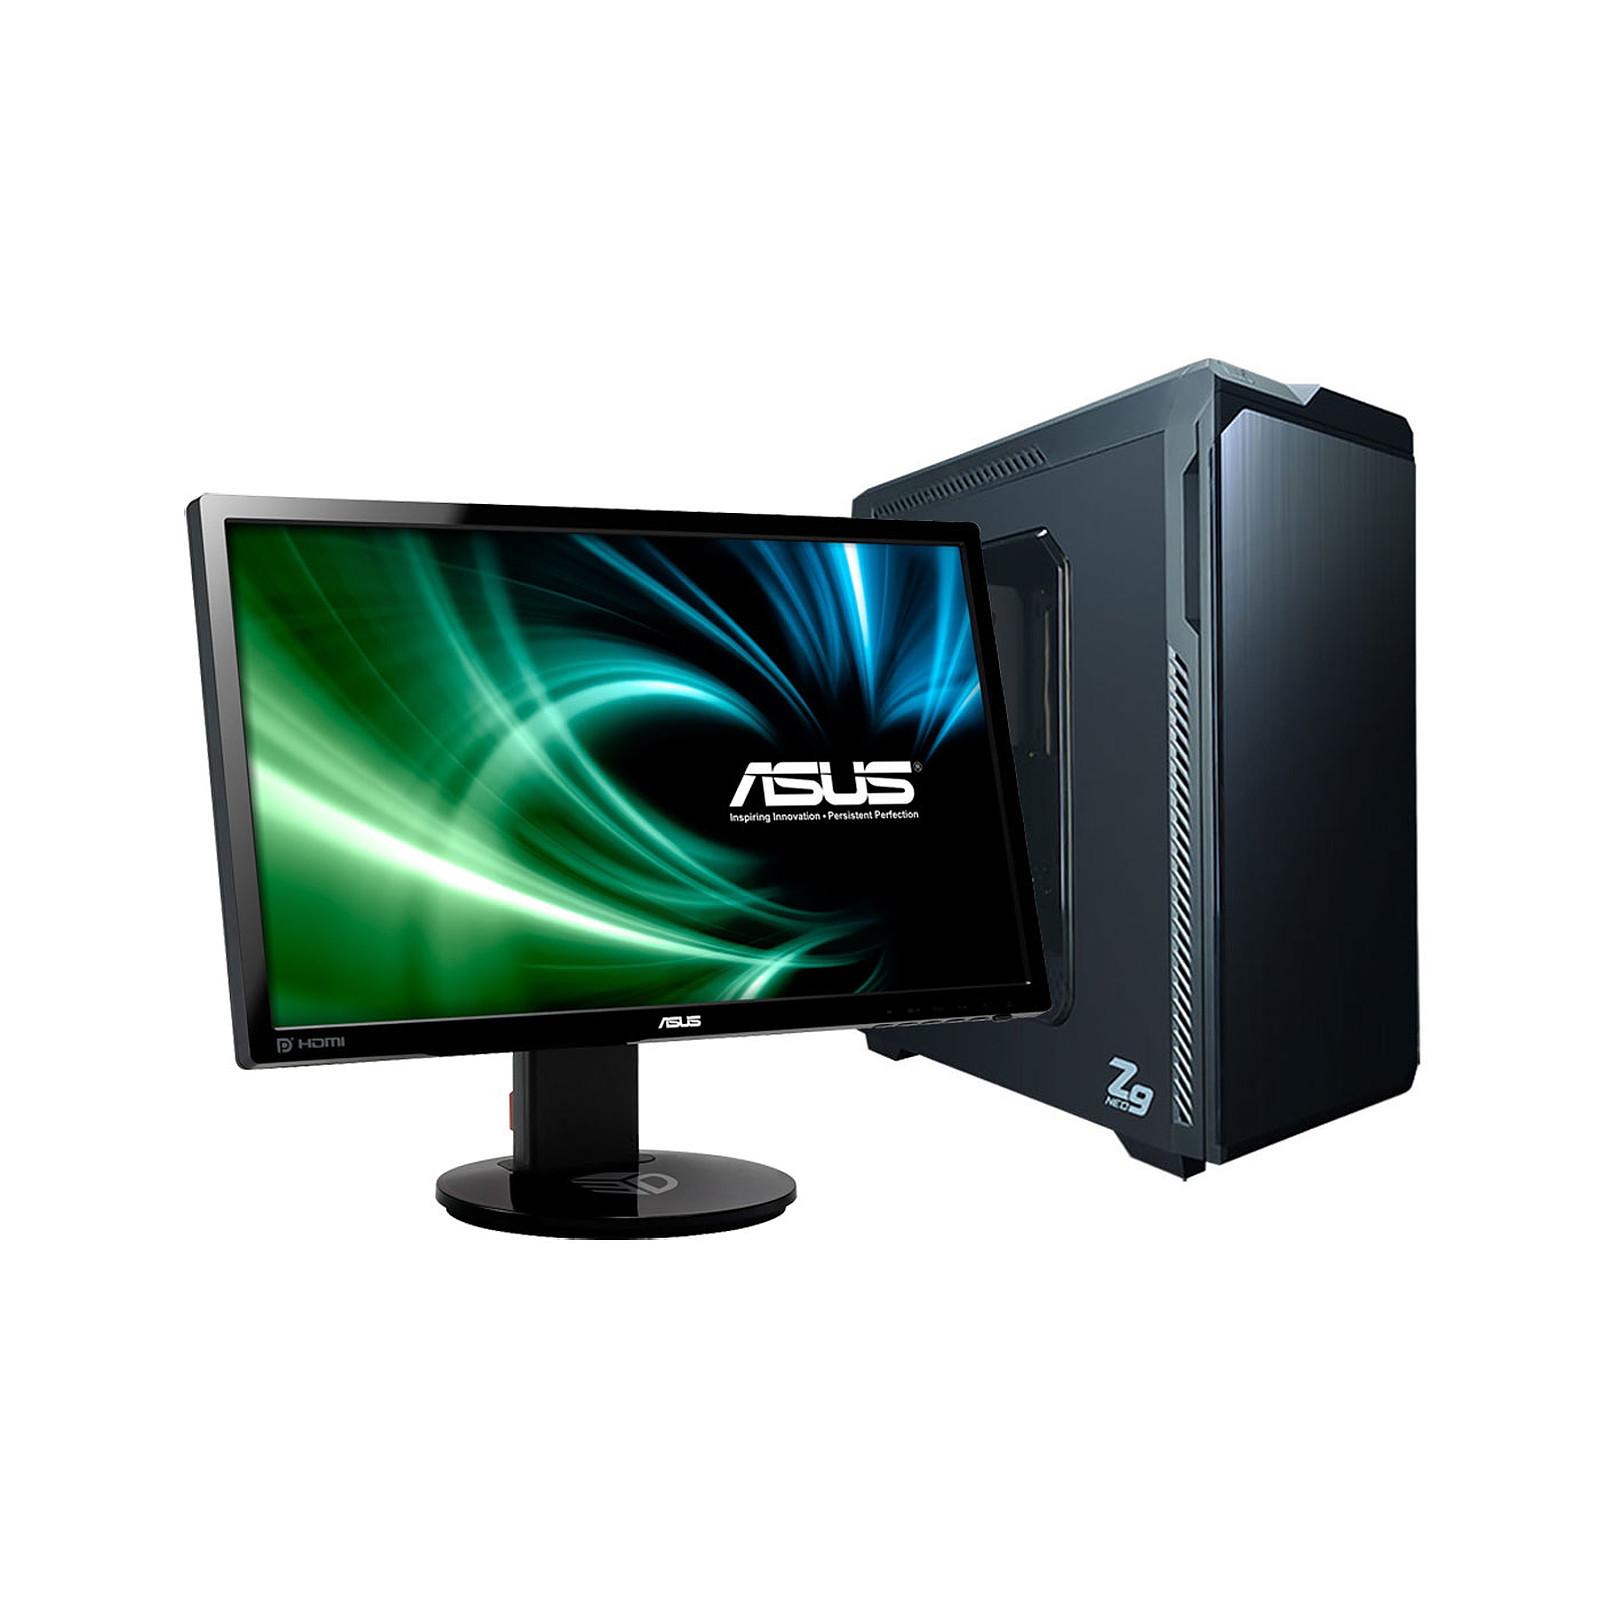 """LDLC PC10 Magna + ASUS 24"""" LED 3D - VG248QE"""